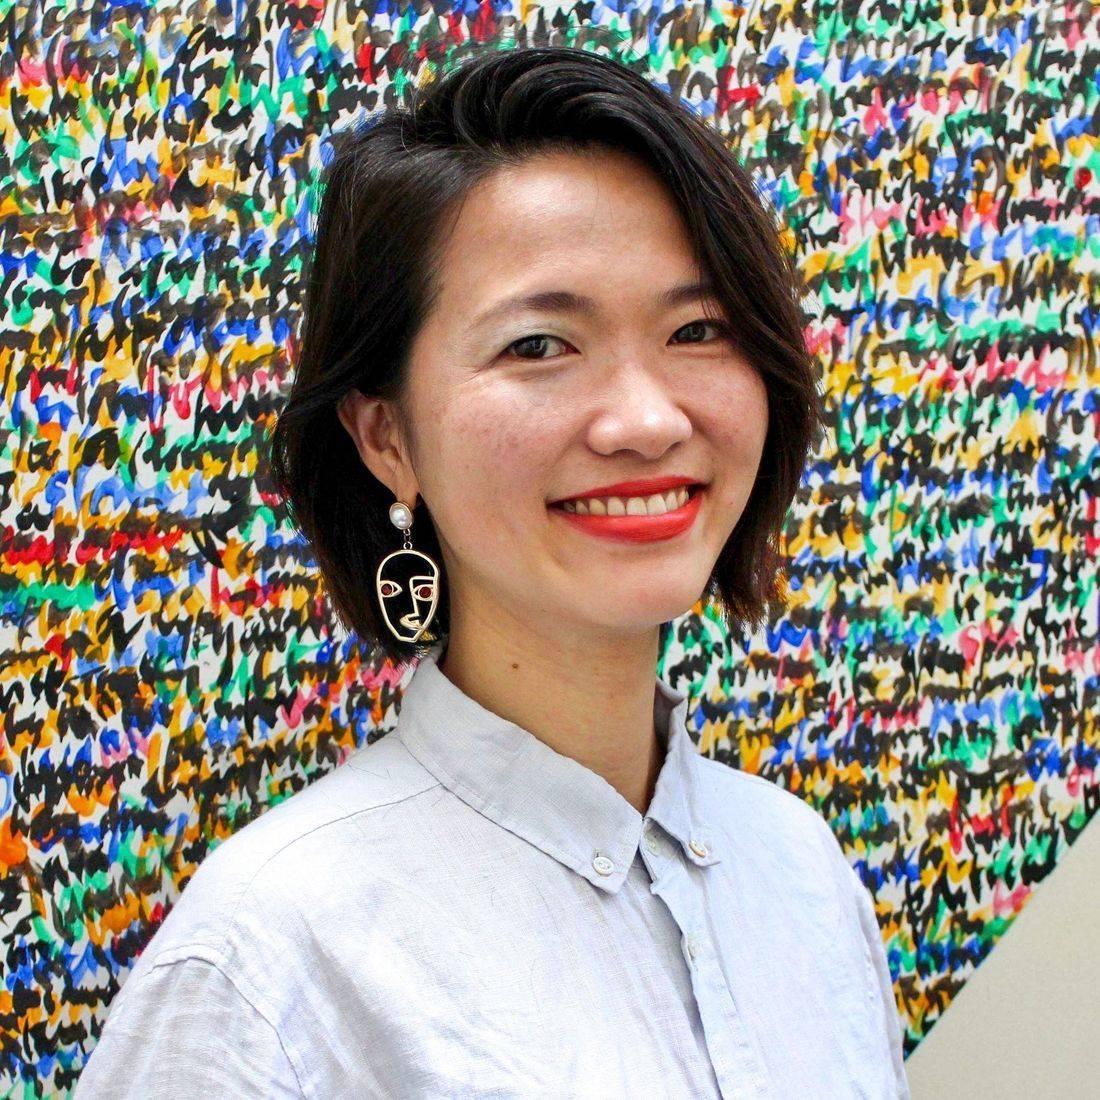 ナミコ namiko watanabe グラフィティ ヘア ロンドン 美容院 美容室 日系 graffiti hair studio 口コミ